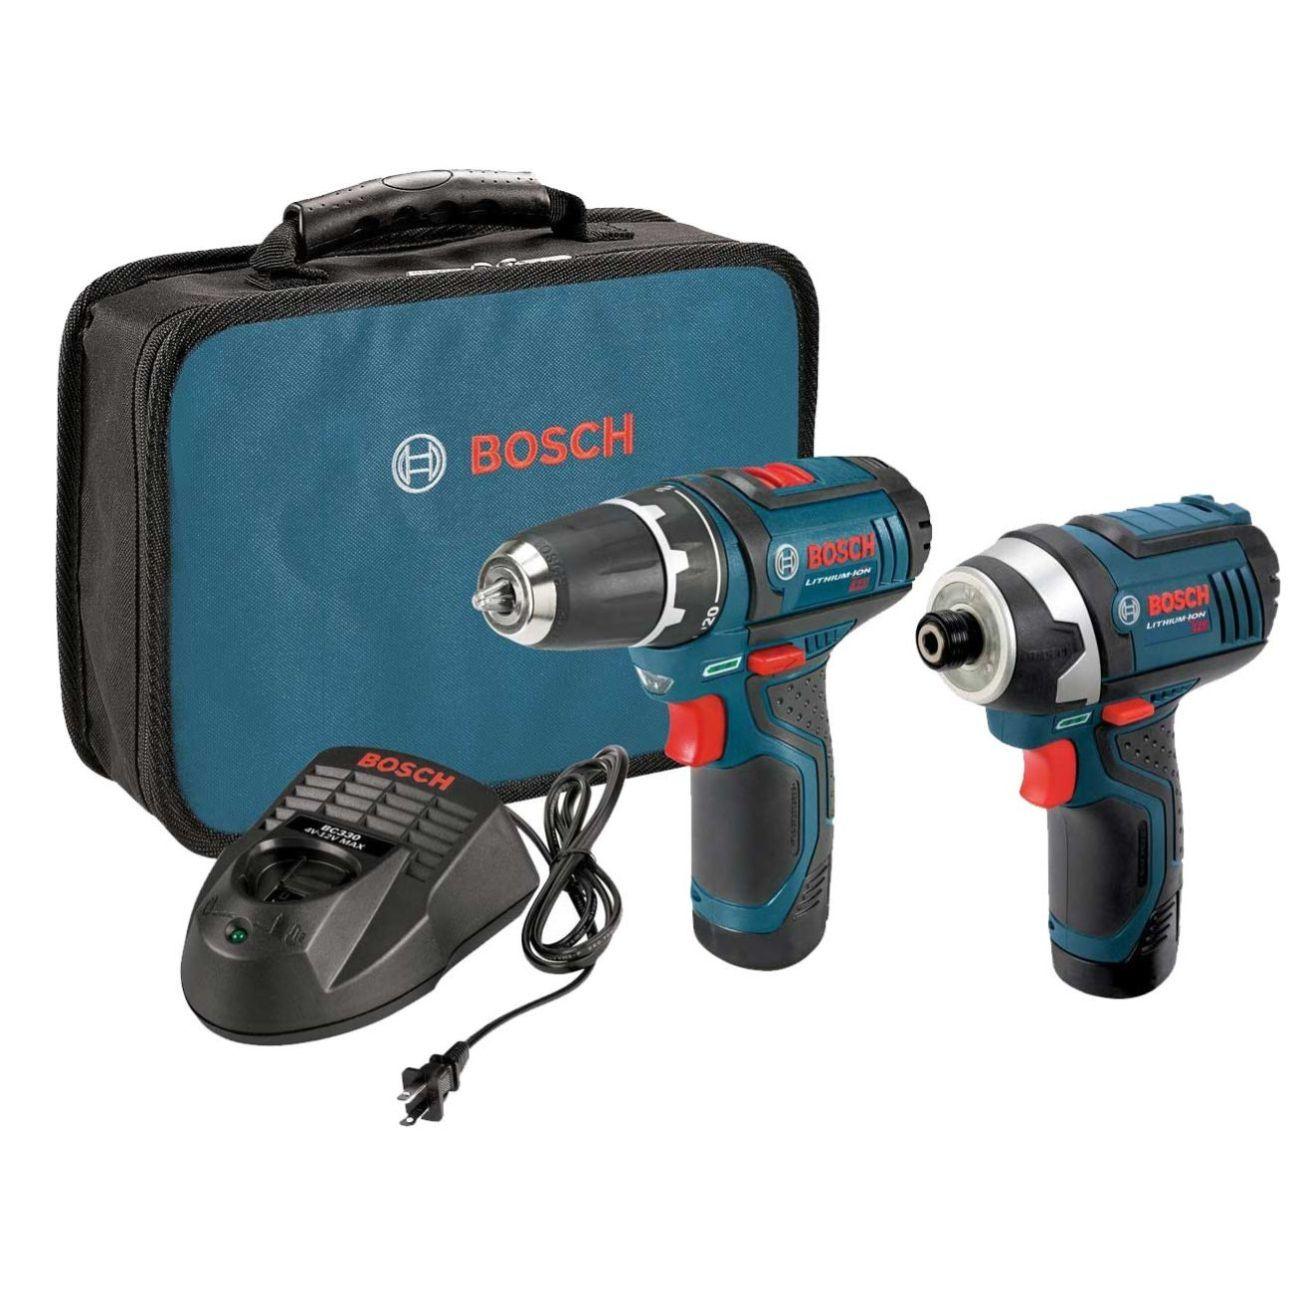 12 Volt PS31/PS41 Lithium-Ion Combo Kit CLPK22-120 Bosch Tools